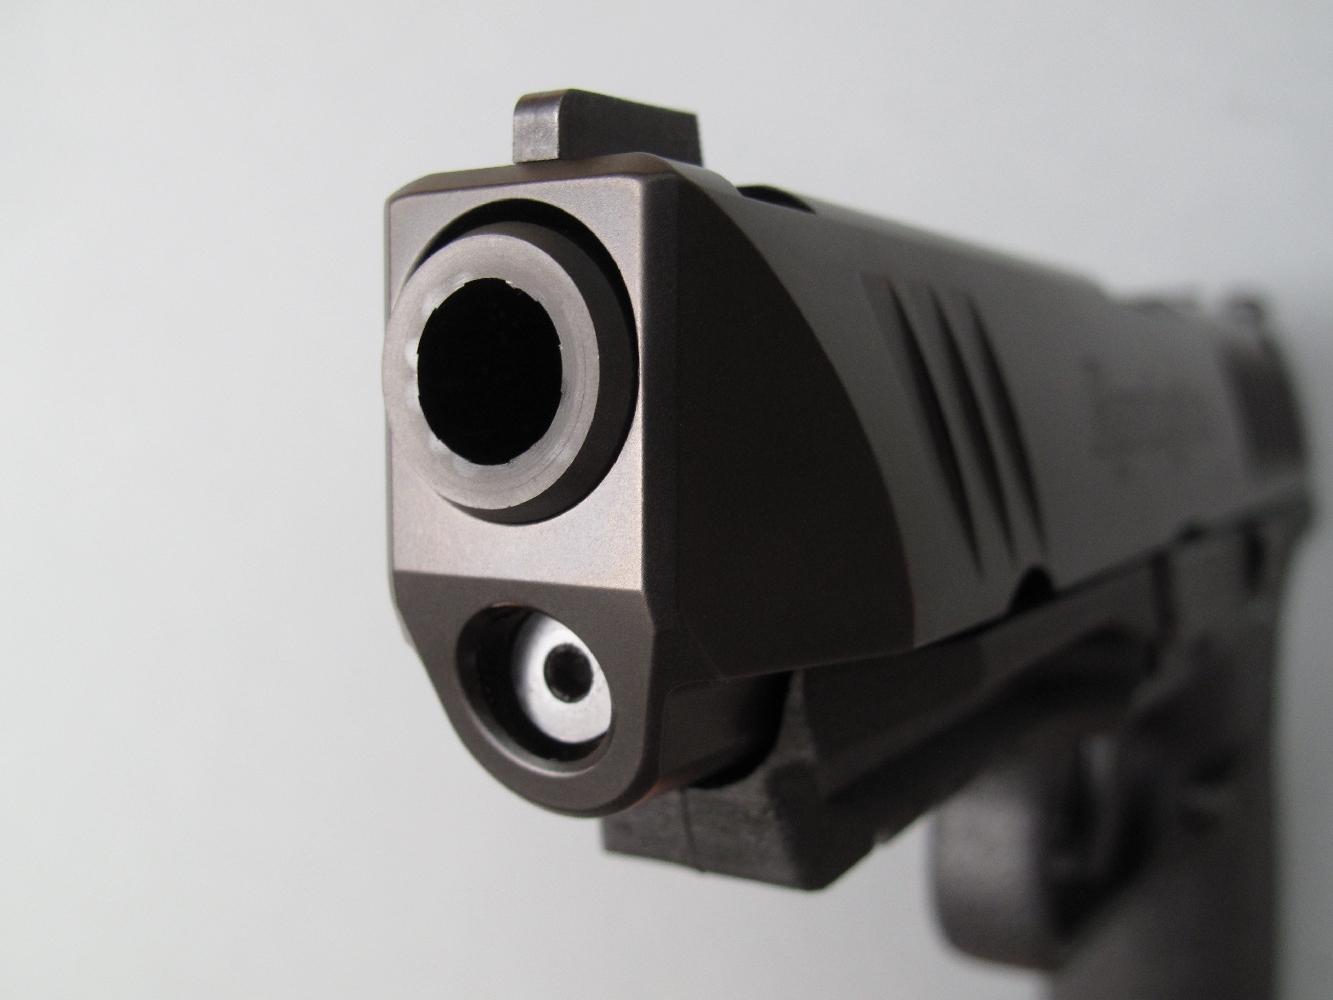 Sa culasse à glissière, fortement biseautée dans sa partie antérieure afin de faciliter son introduction dans un holster, procure à ce pistolet une allure très caractéristique.